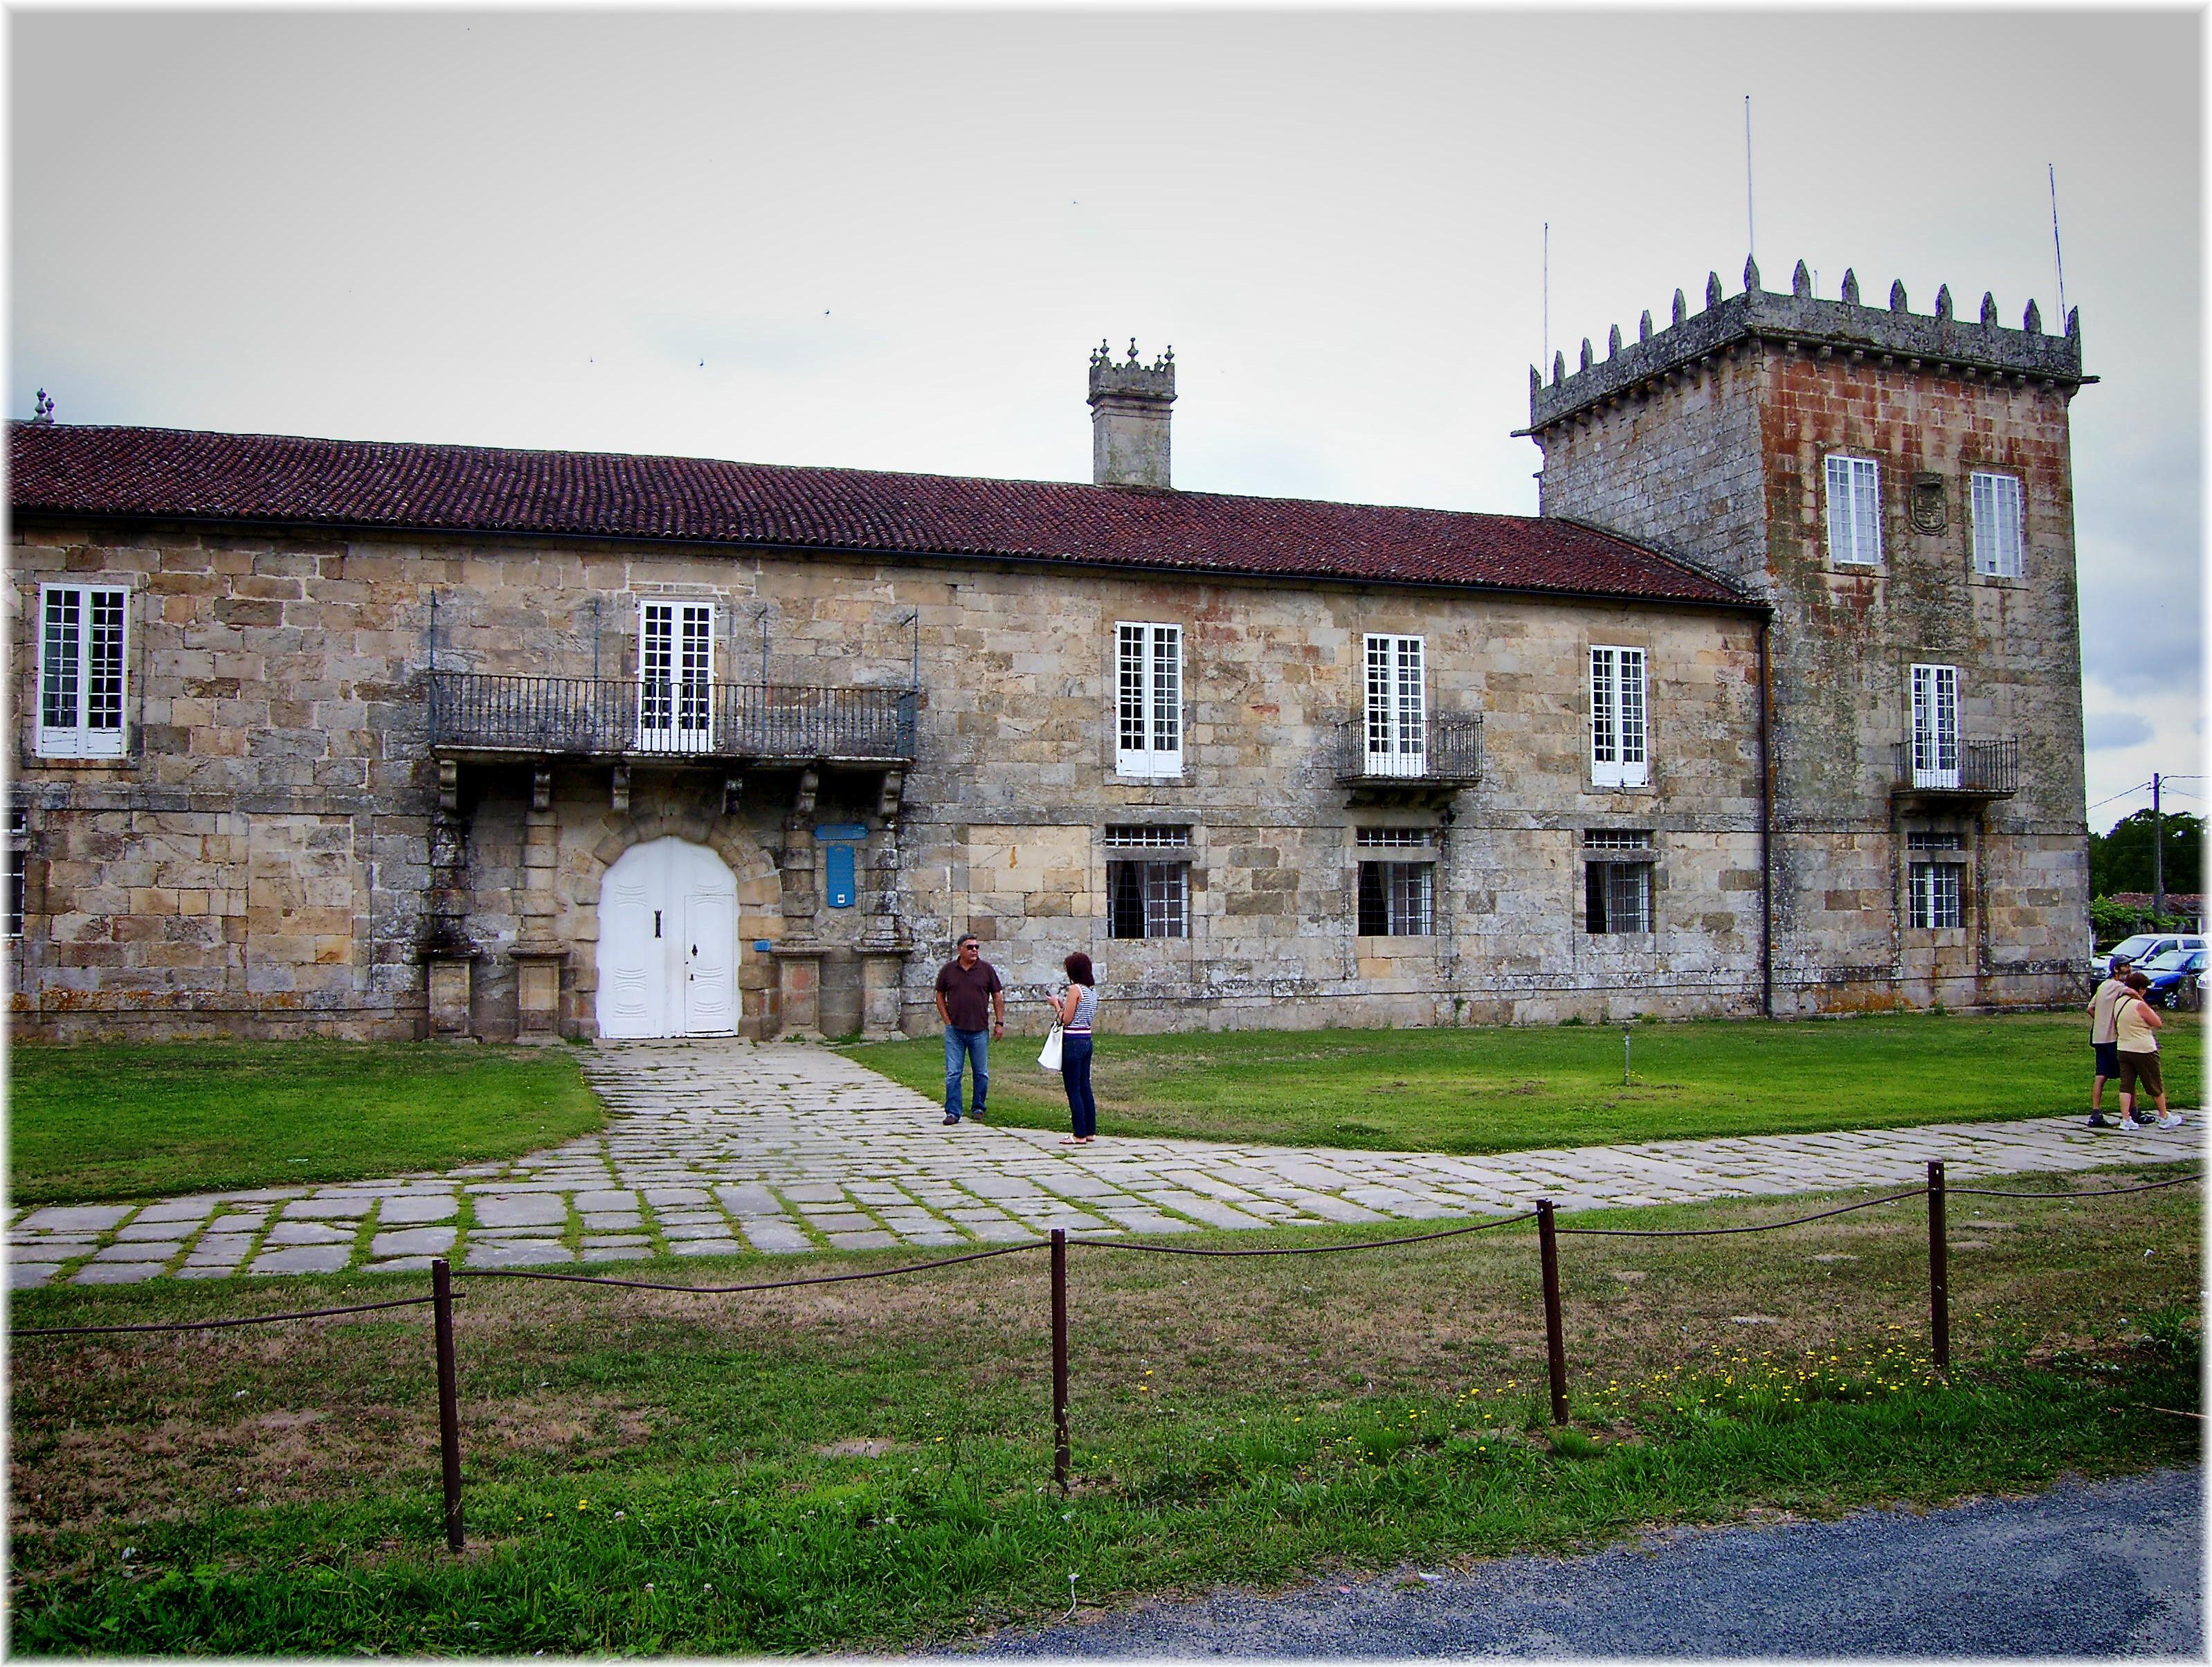 Fotos gratis arquitectura pueblo edificio castillo europa caba a fachada propiedad - Casas de piedra galicia ...